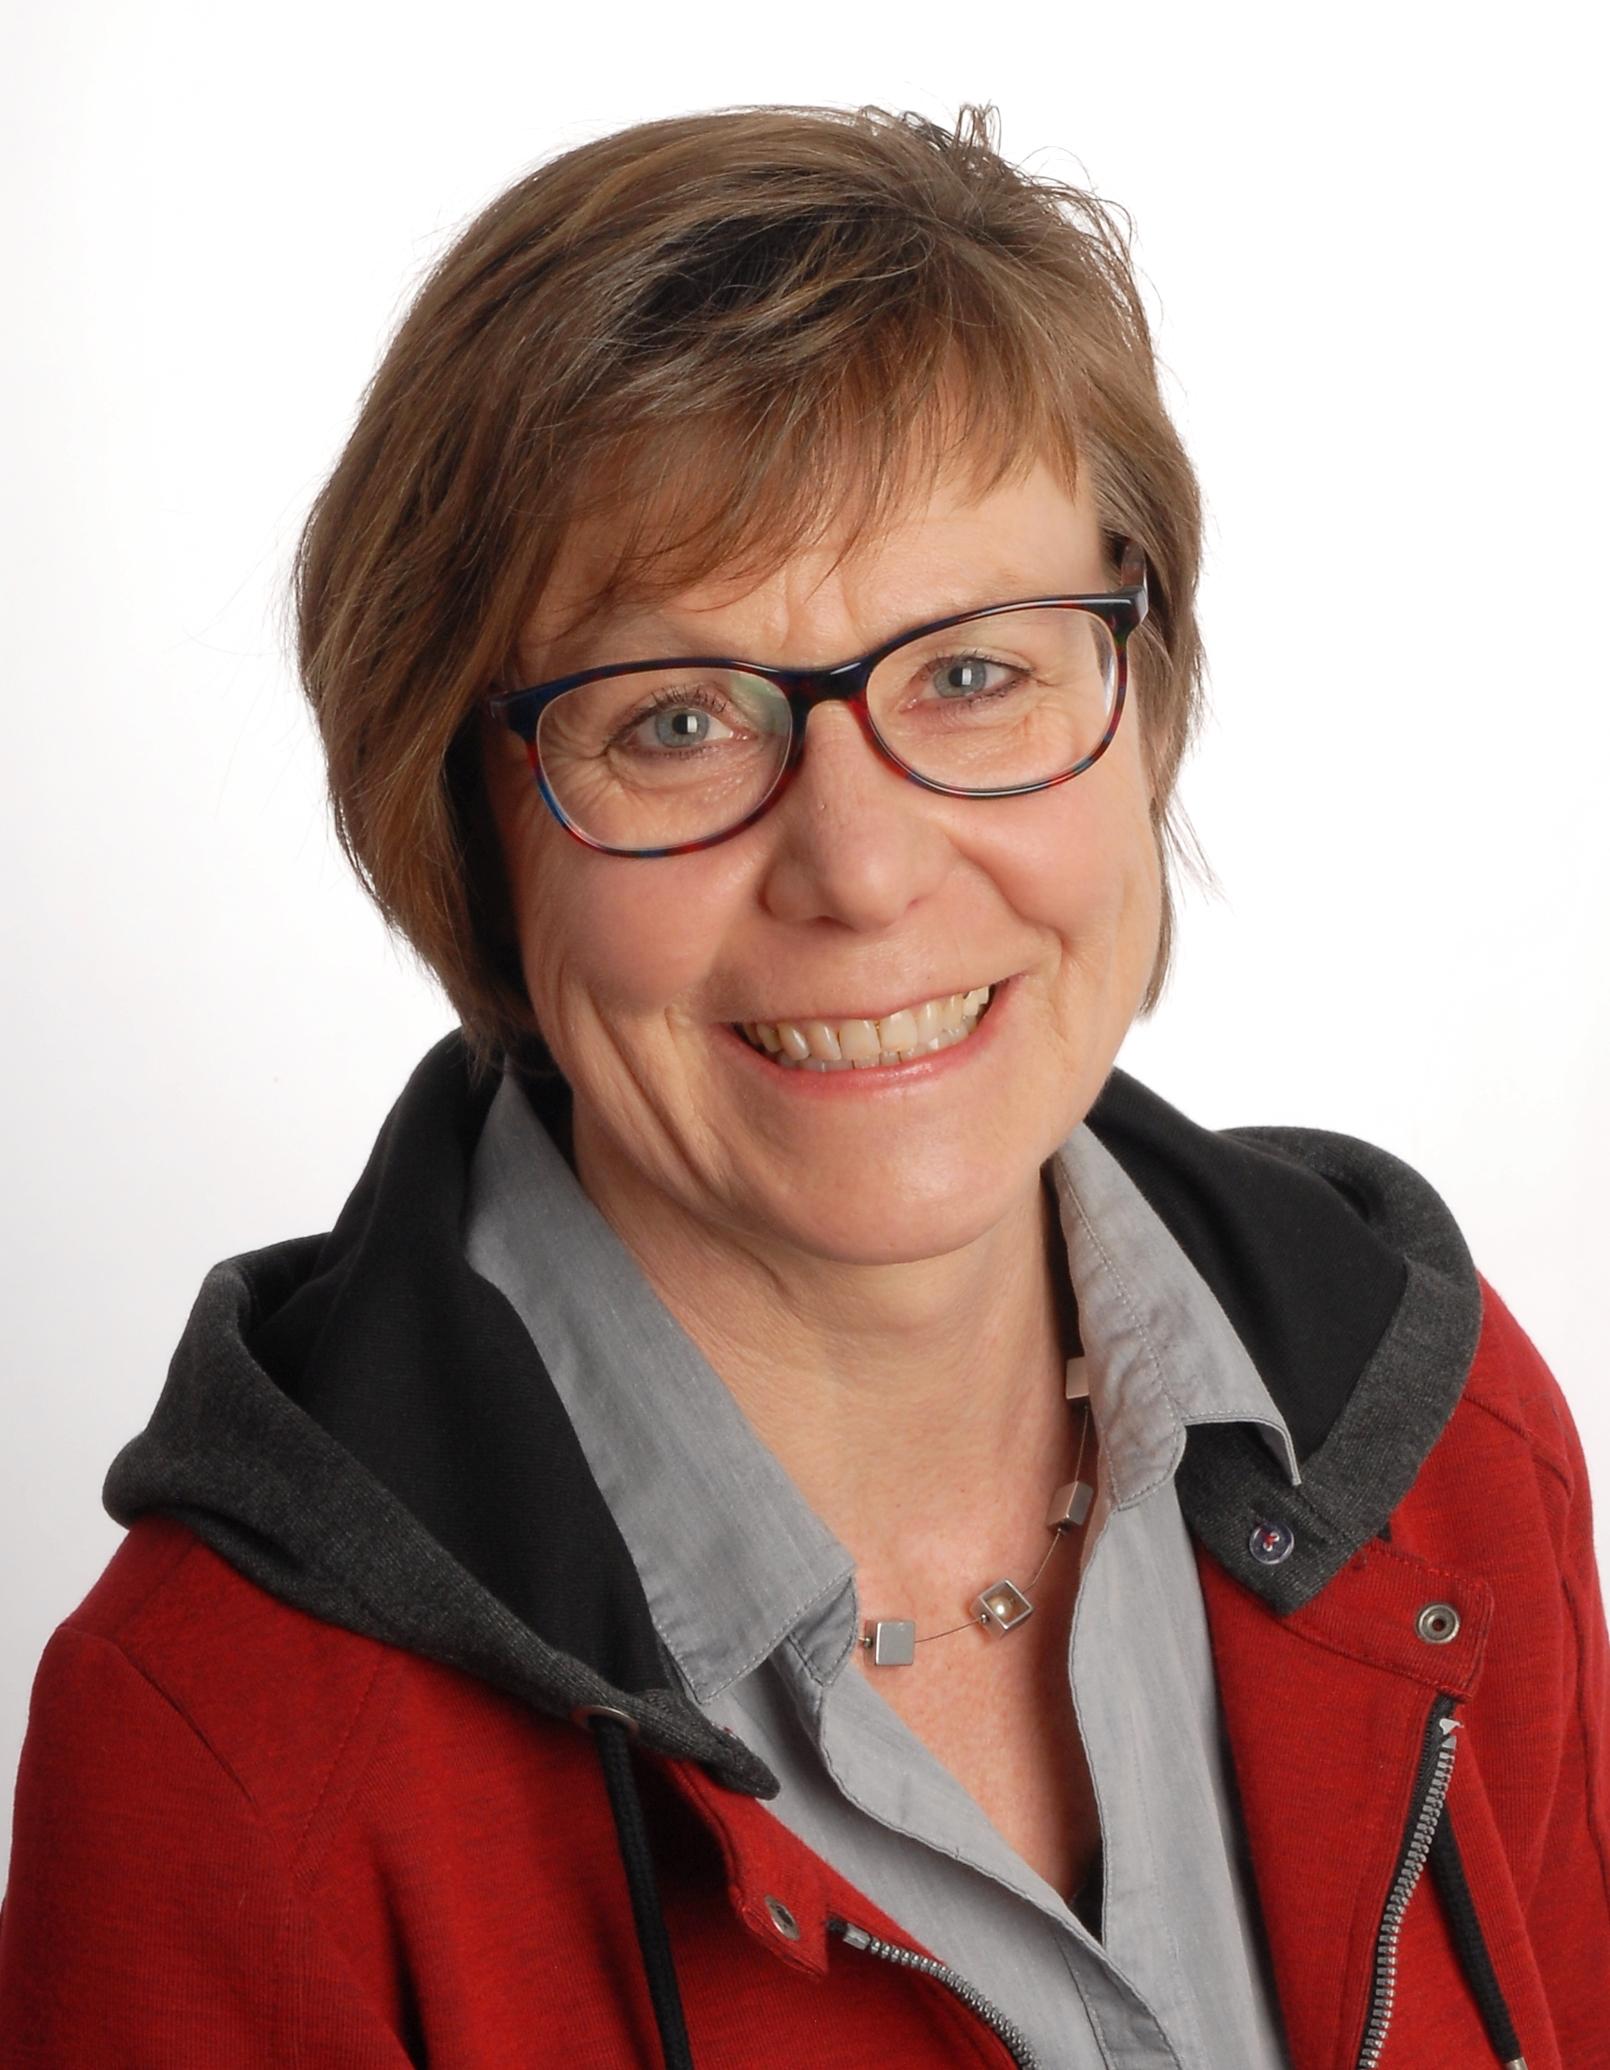 Profilfoto von Heike Krondorf